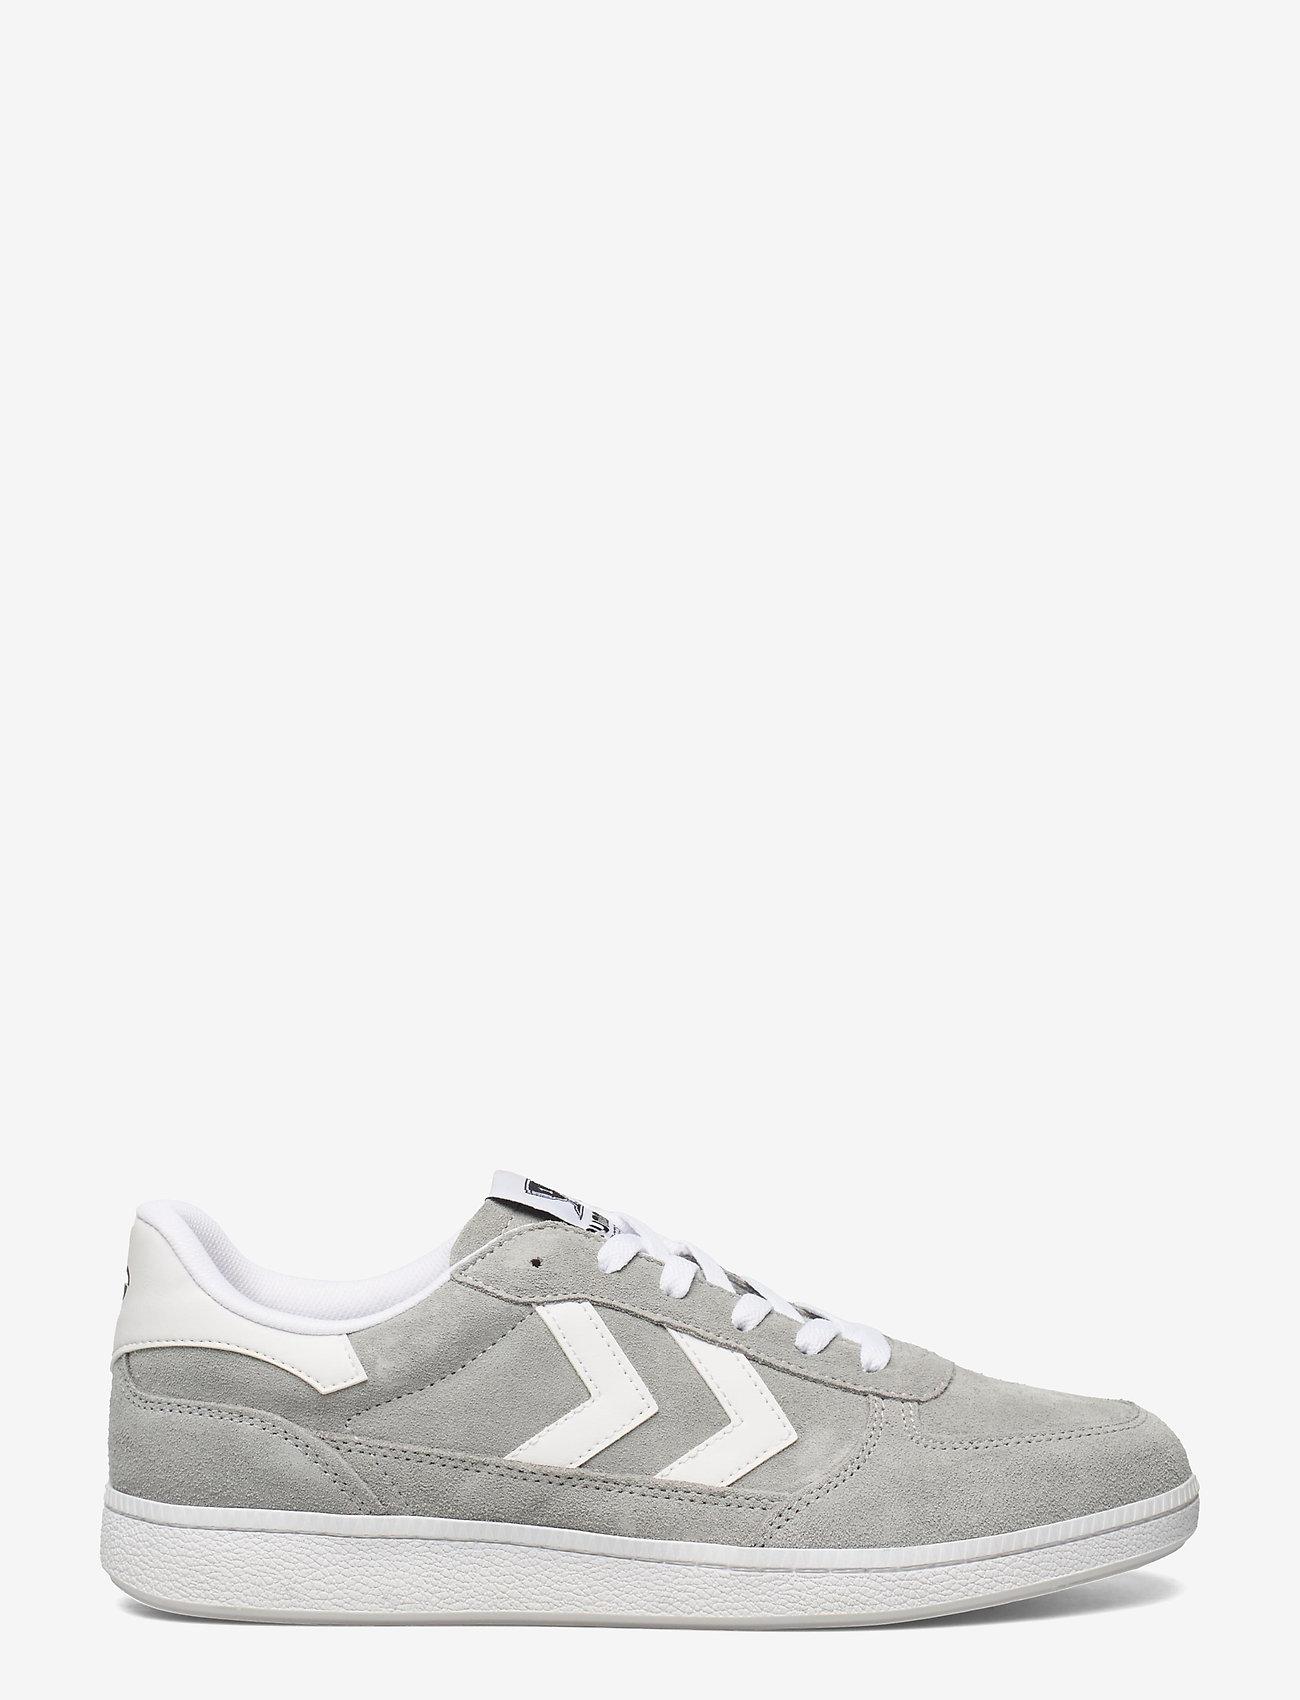 Hummel - VICTORY - laag sneakers - grey - 1